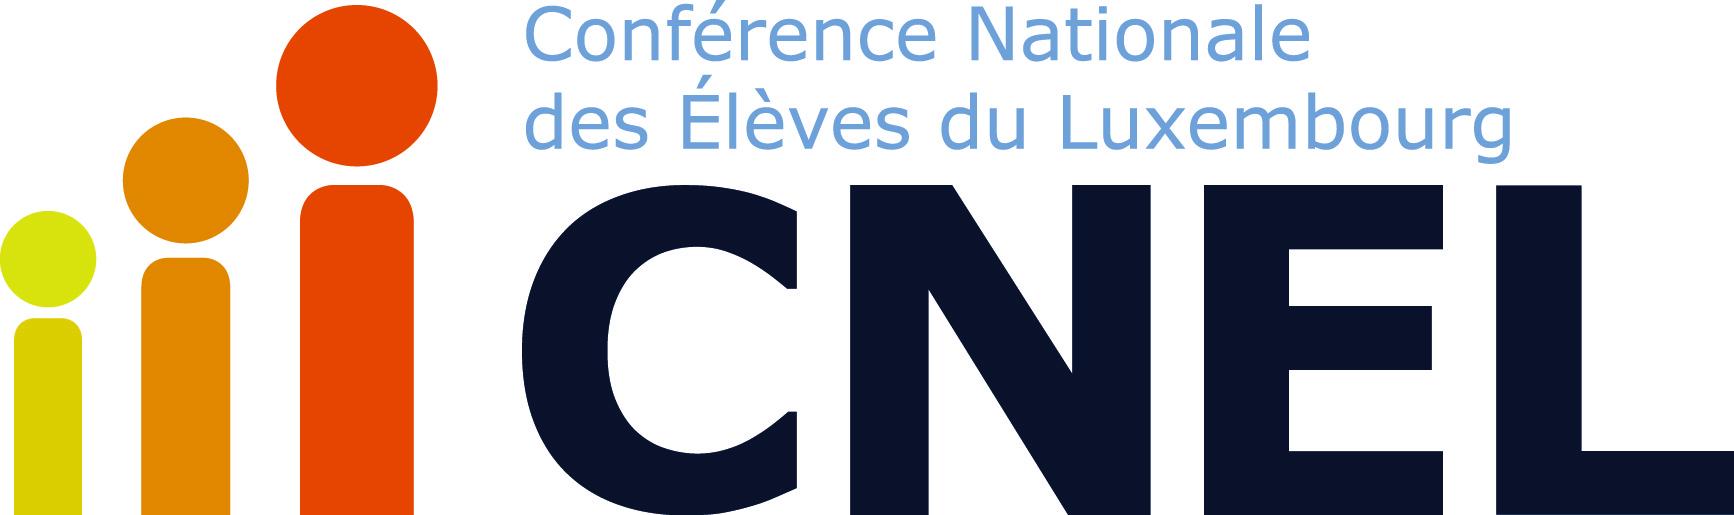 Konzept  CNEL